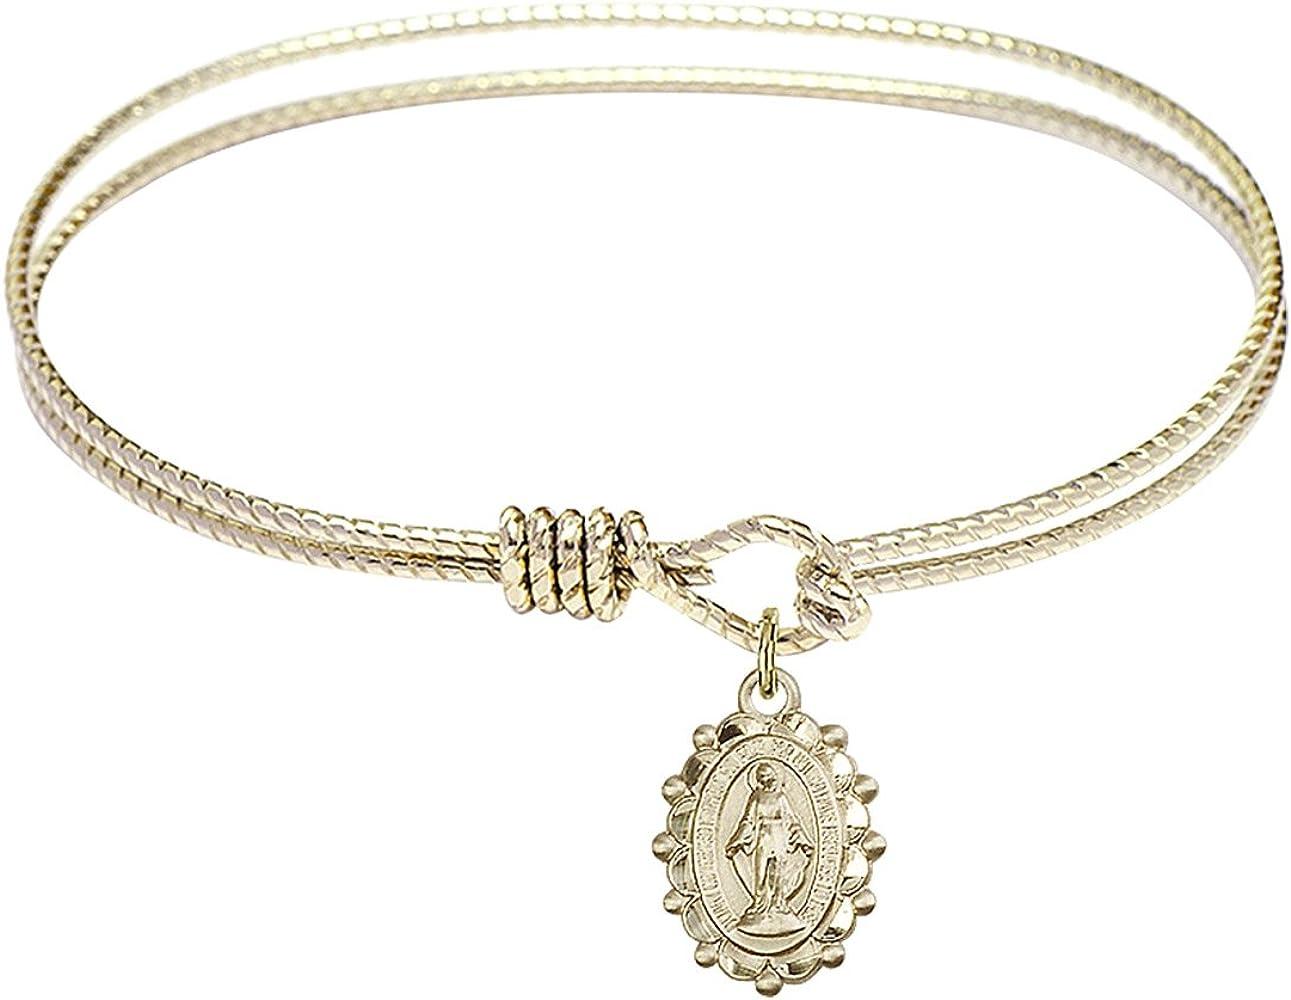 Bonyak Jewelry Oval Eye Hook Bangle Bracelet w/Miraculous Medal in Gold-Filled